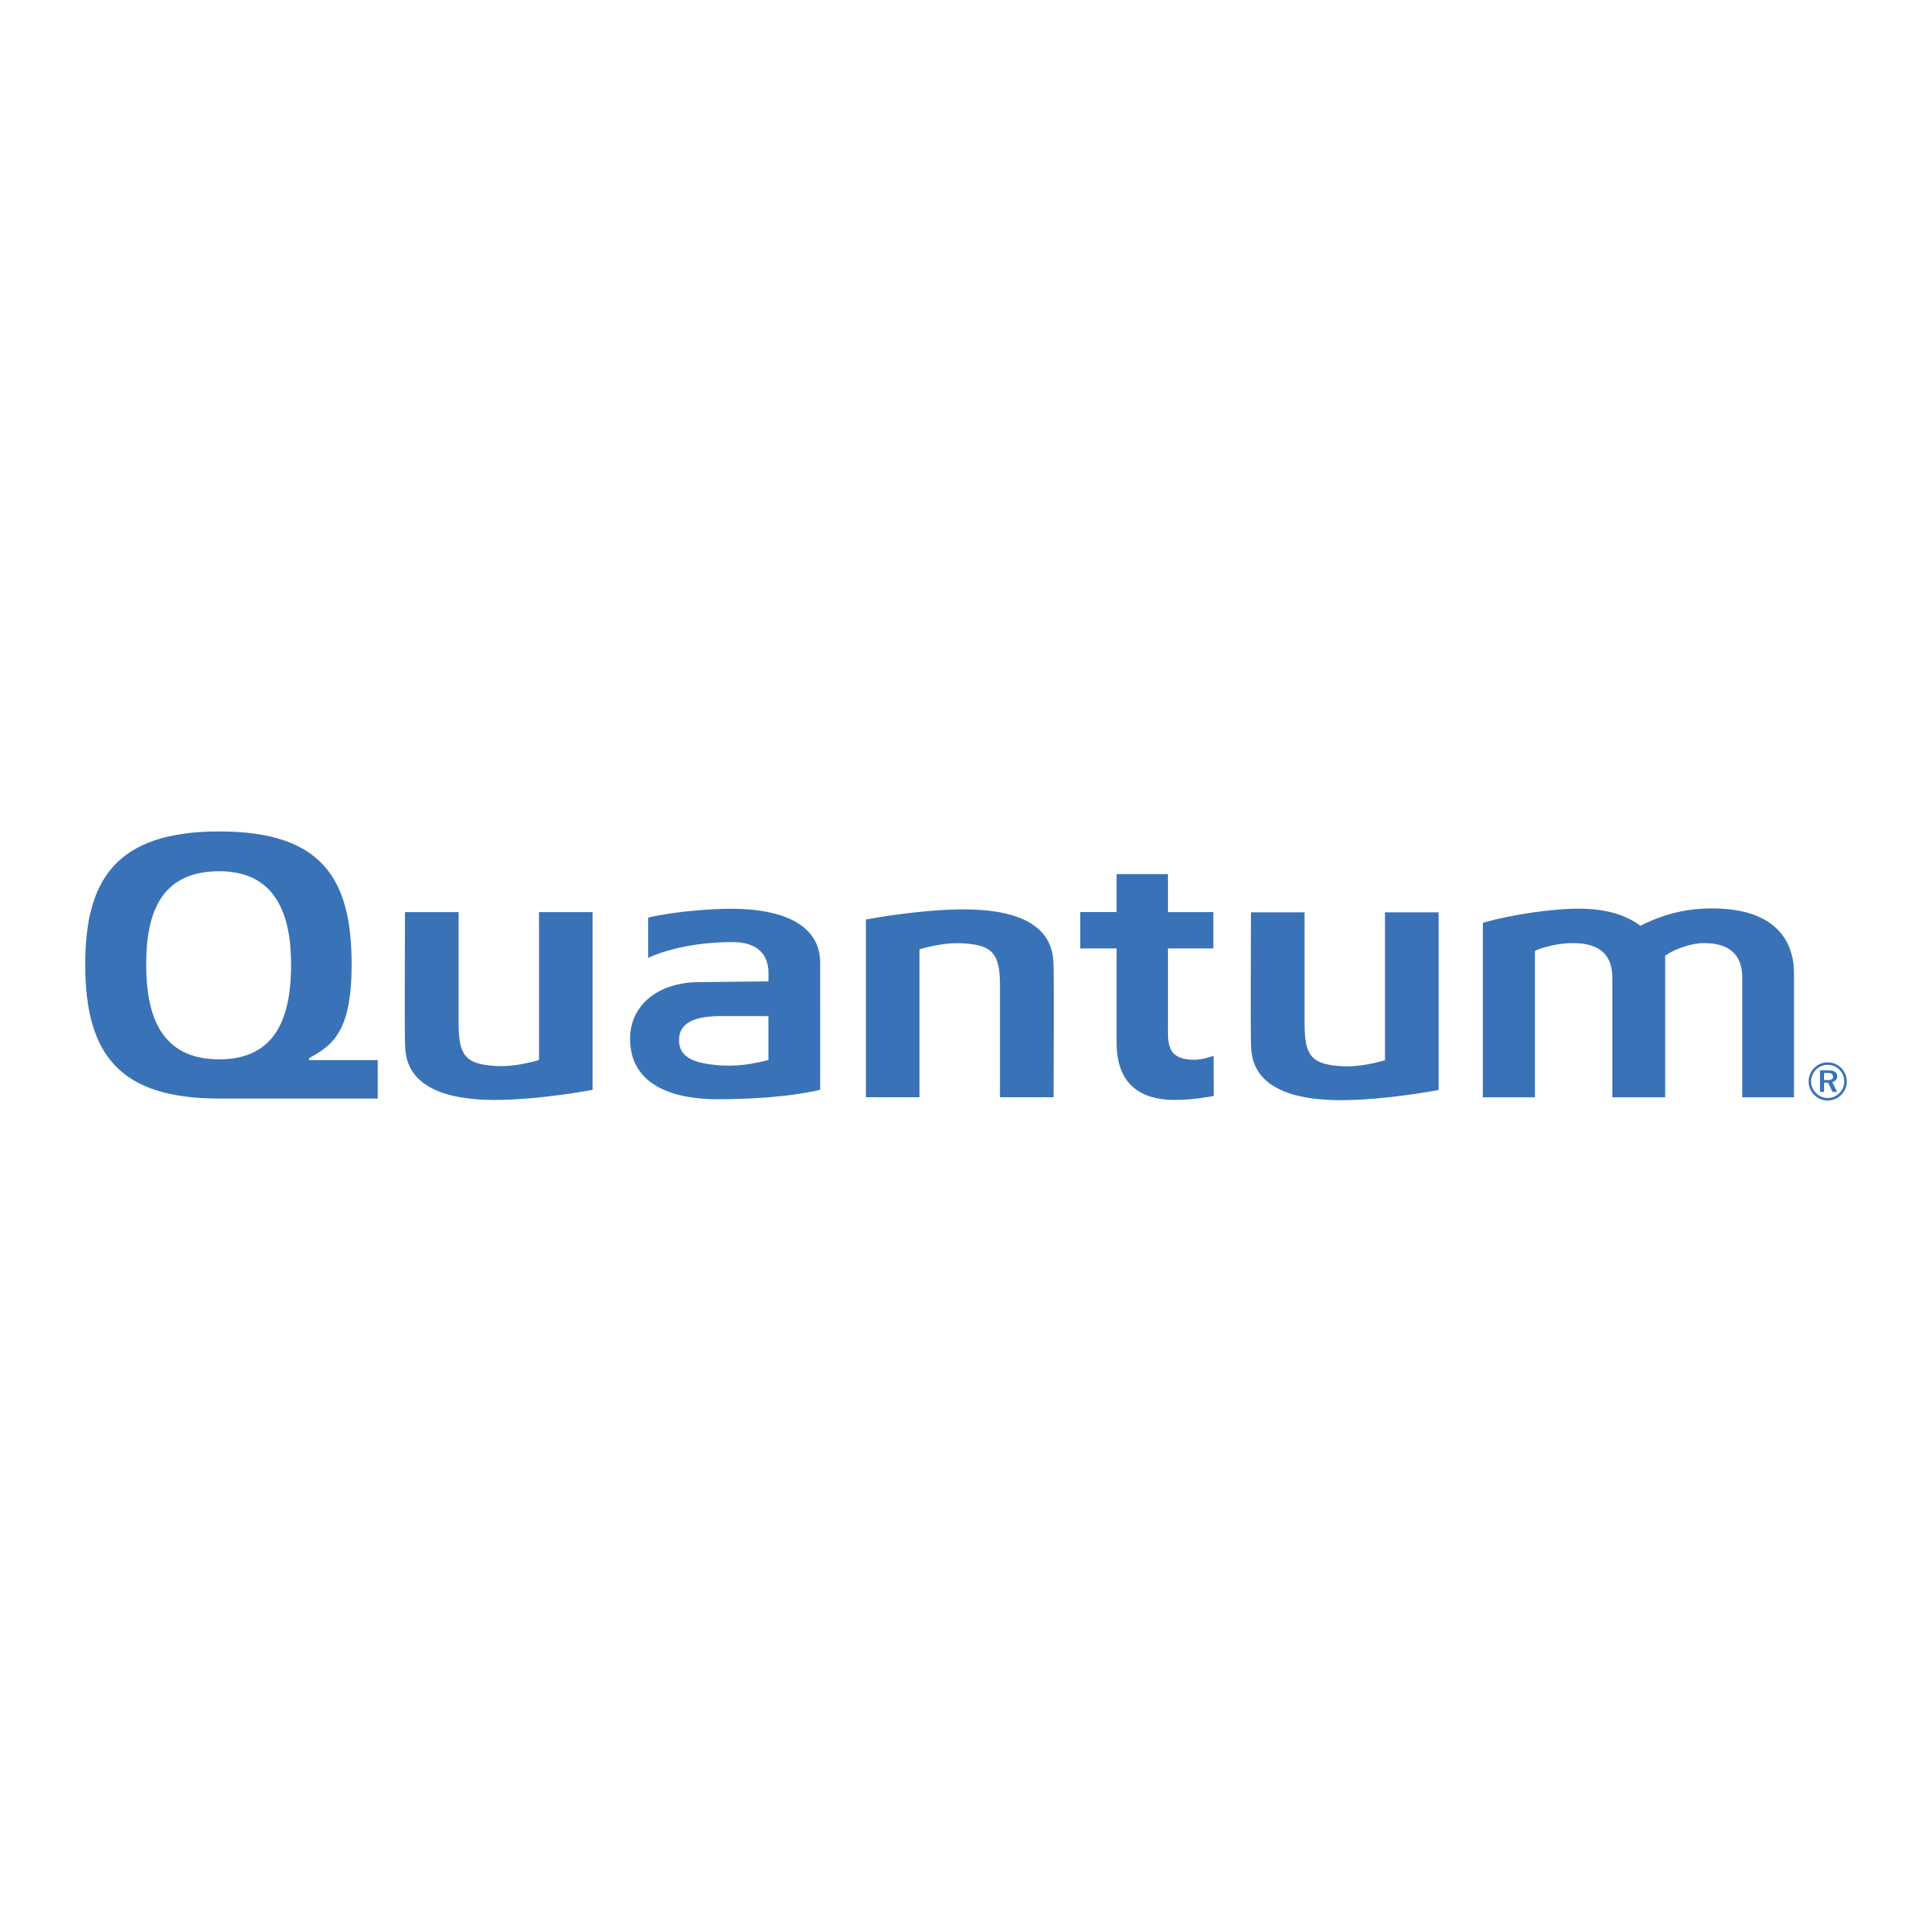 quantum-logo-png-transparent.png